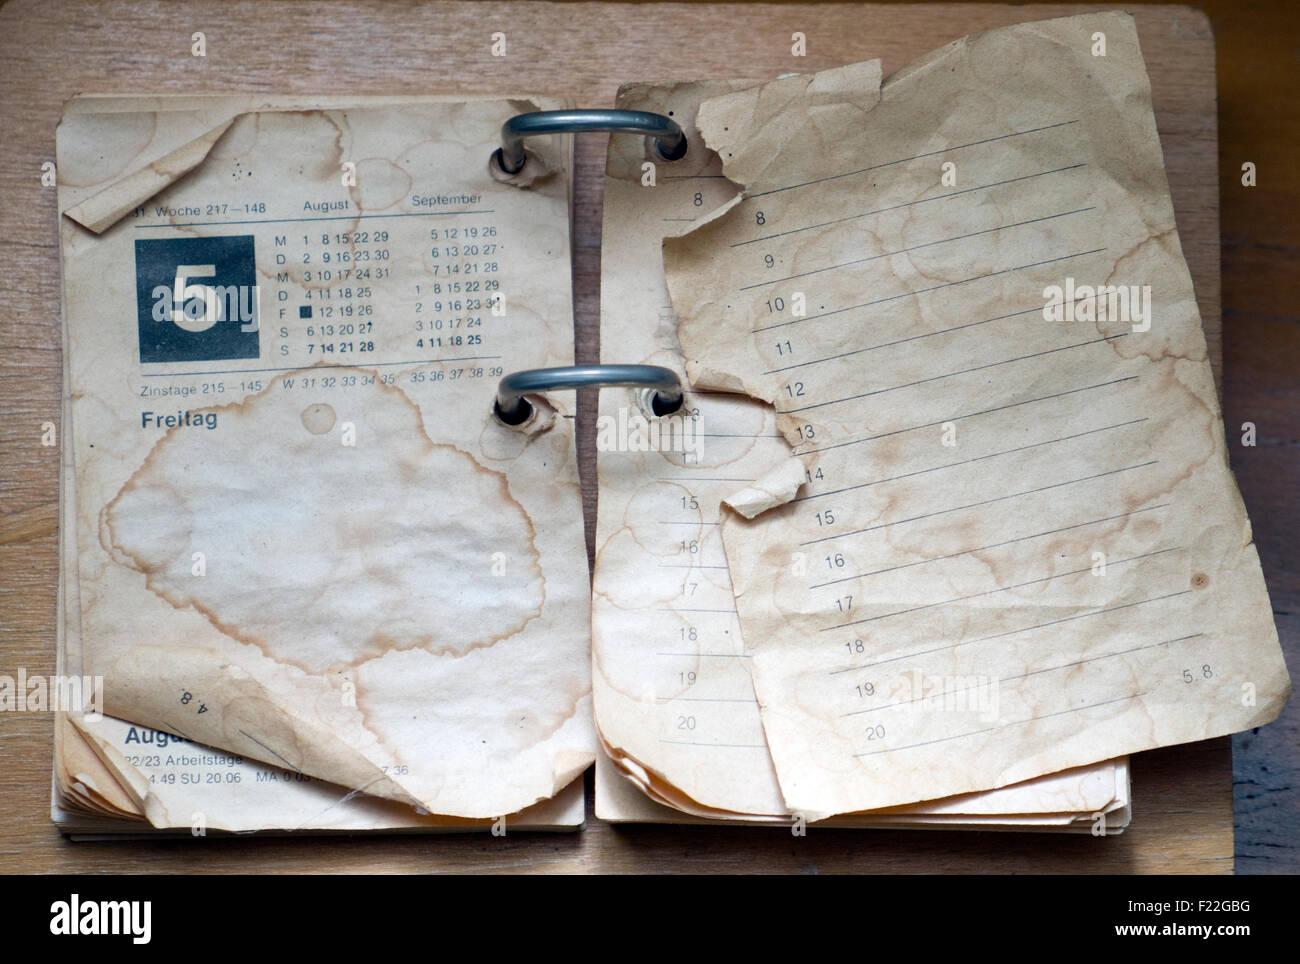 Alter fleckiger Kalender - Stock Image